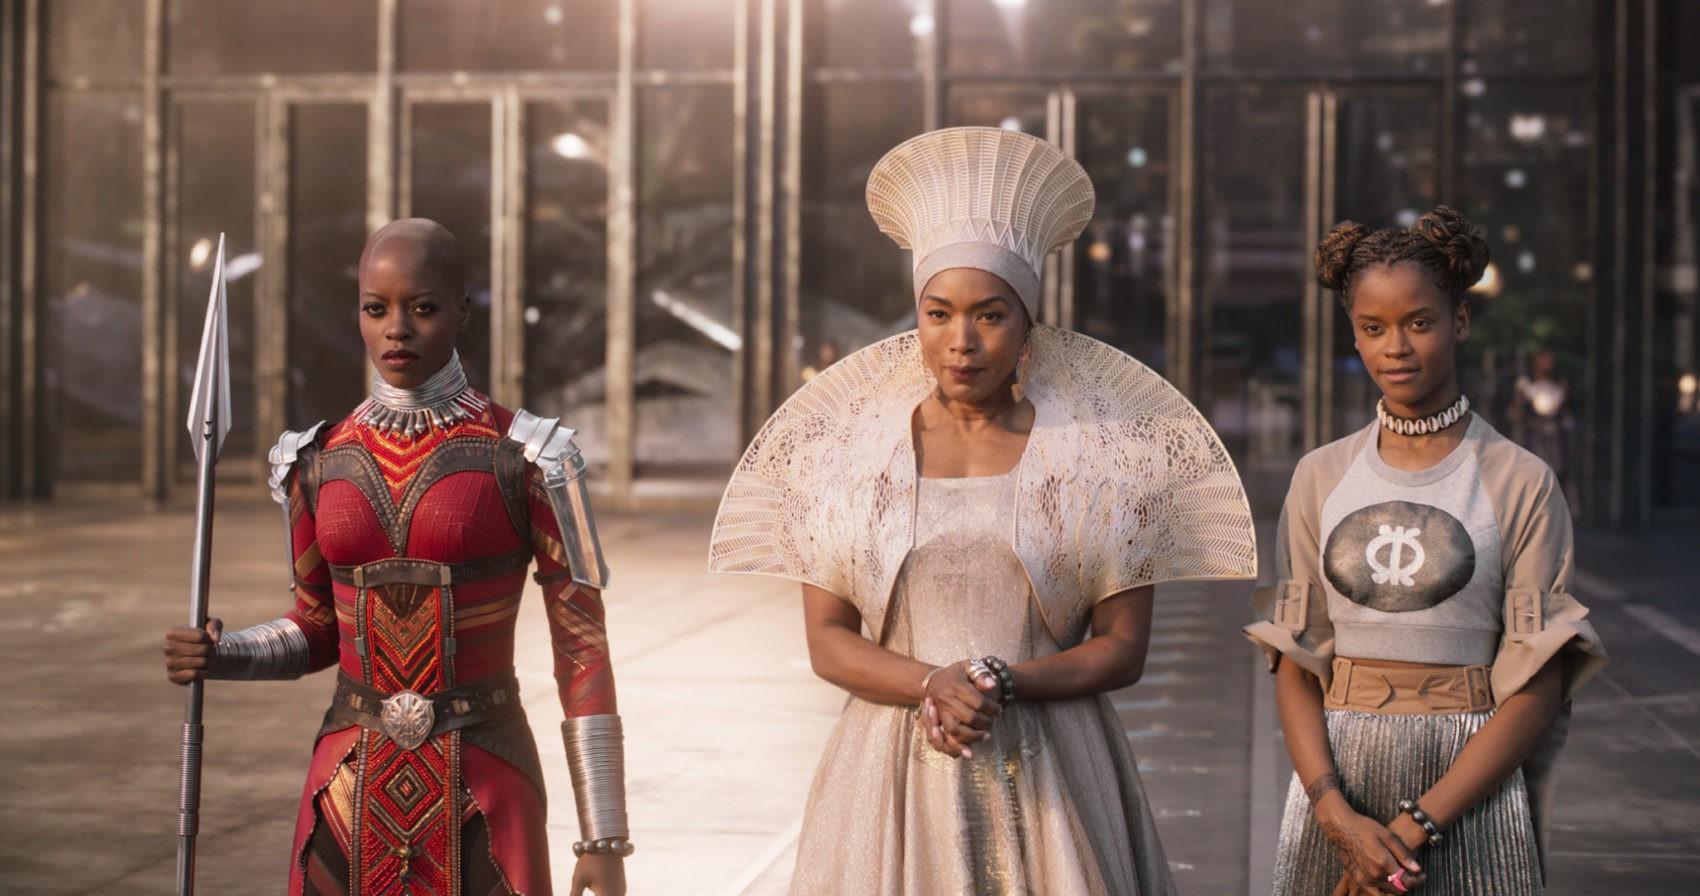 """Muôn màu Trang phục xuất sắc nhất Oscar 2019: Cuộc săn lùng ngai vàng của những bộ cánh thời """"ông bà anh"""" - Ảnh 4."""